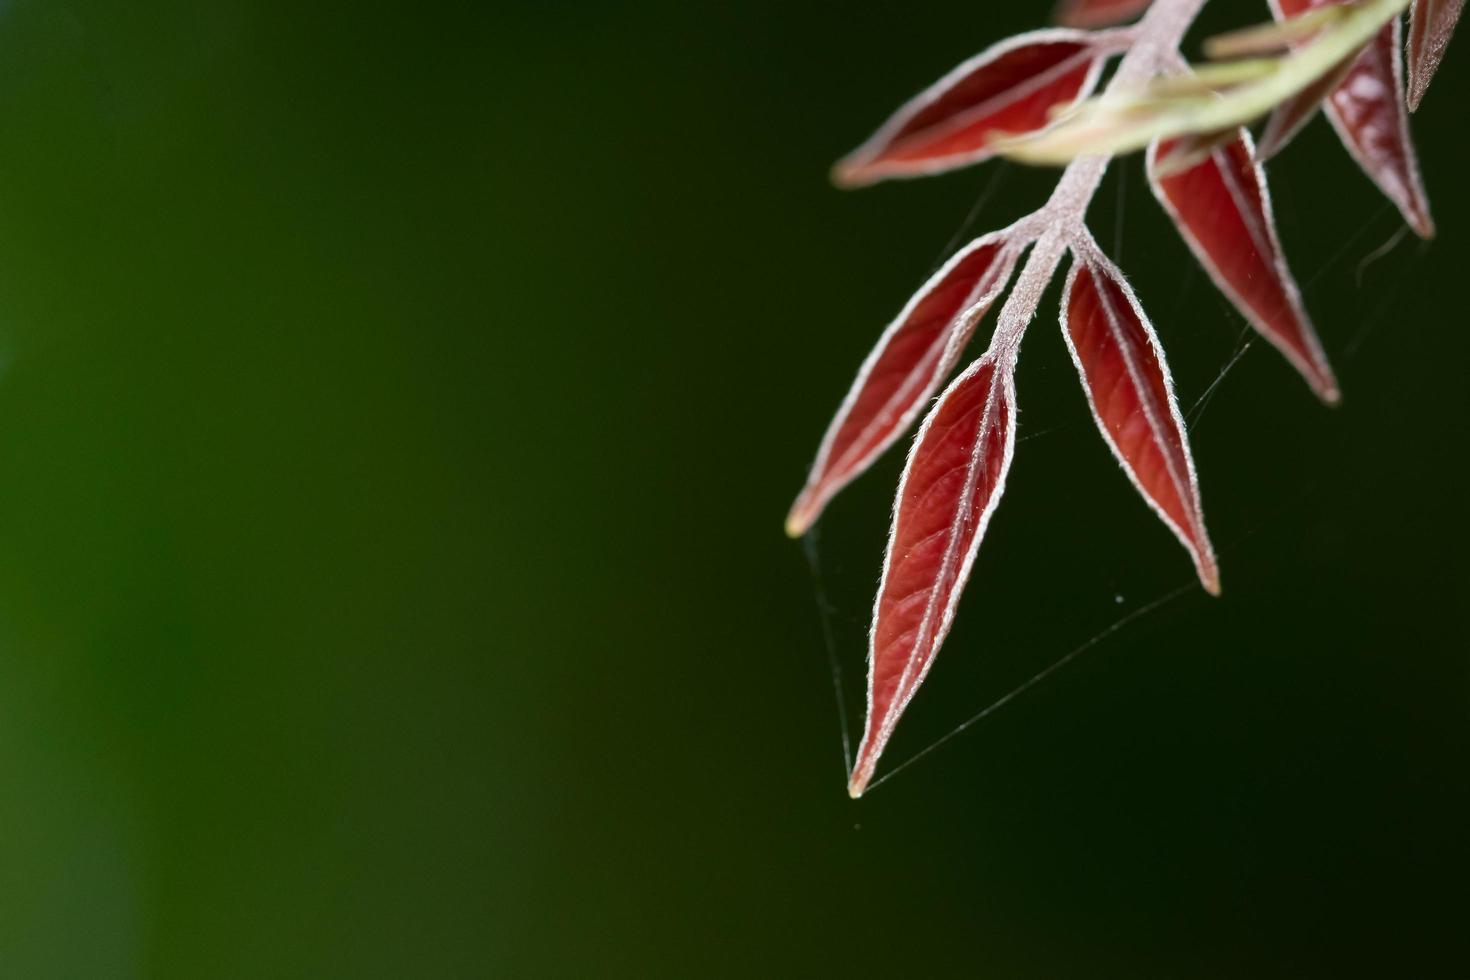 rote Blätter auf grünem Hintergrund foto